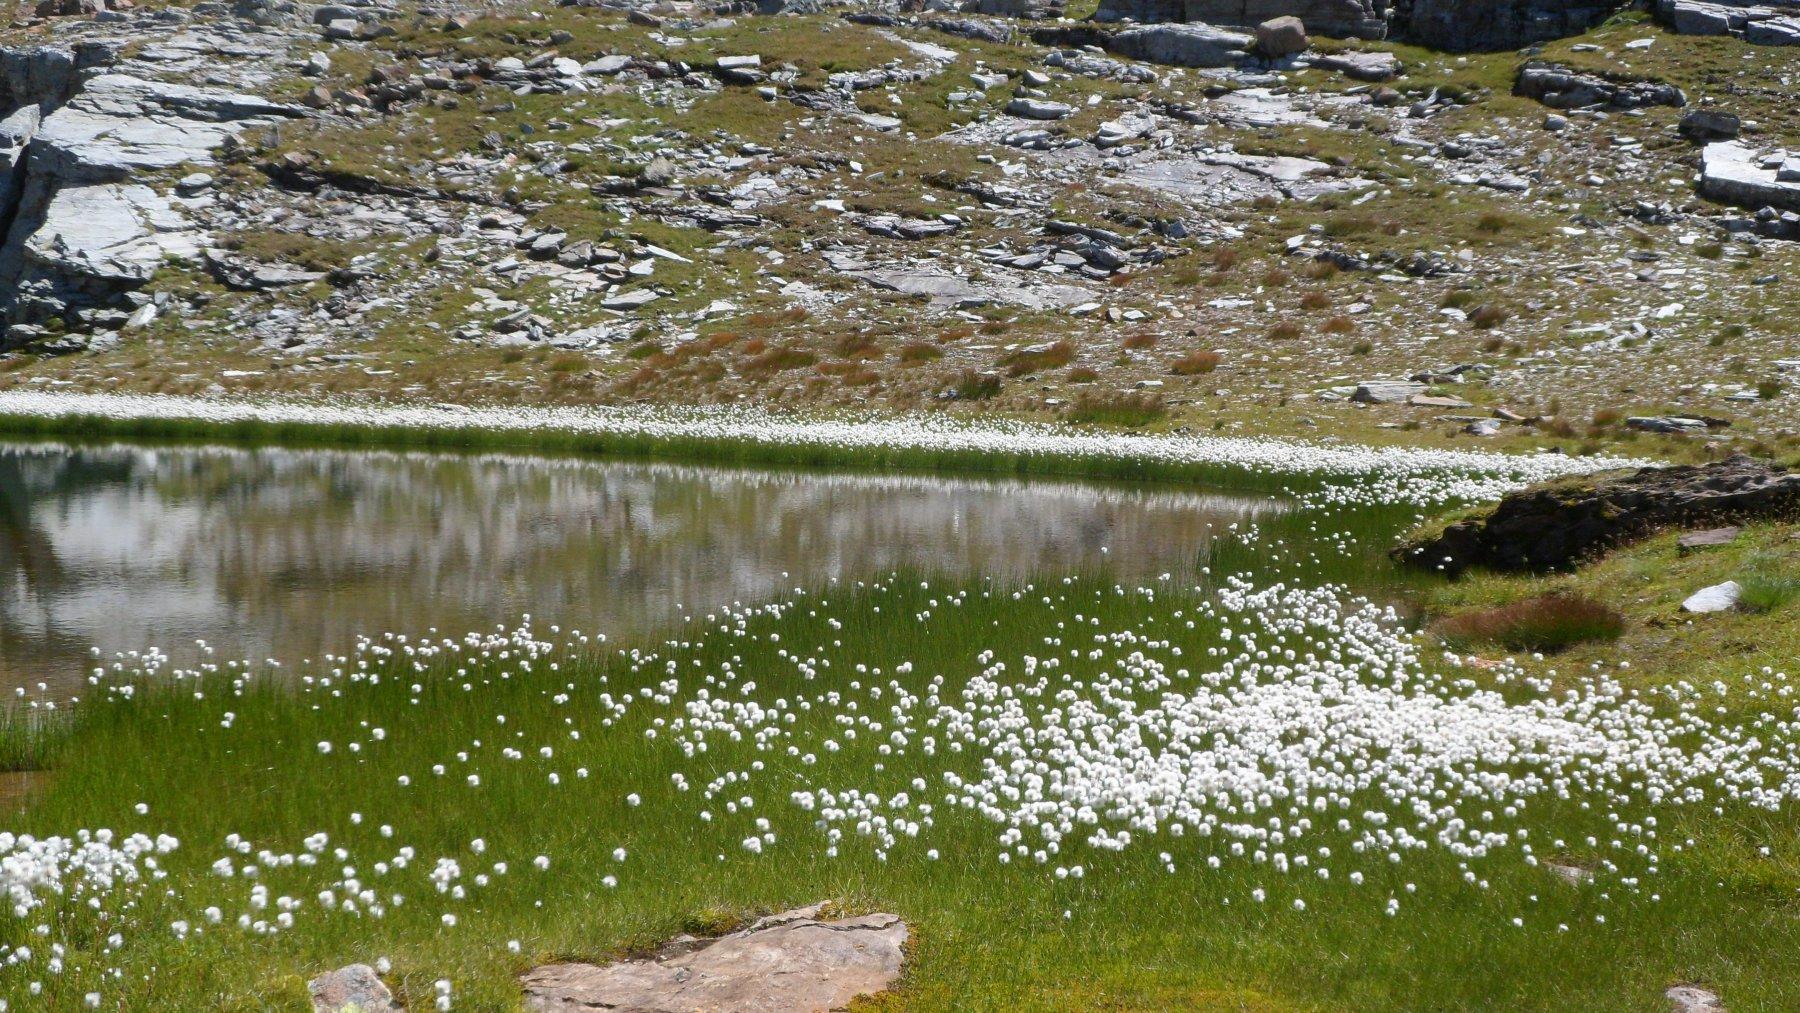 Fioritura nei pressi di uno dei laghetti a 2700 m